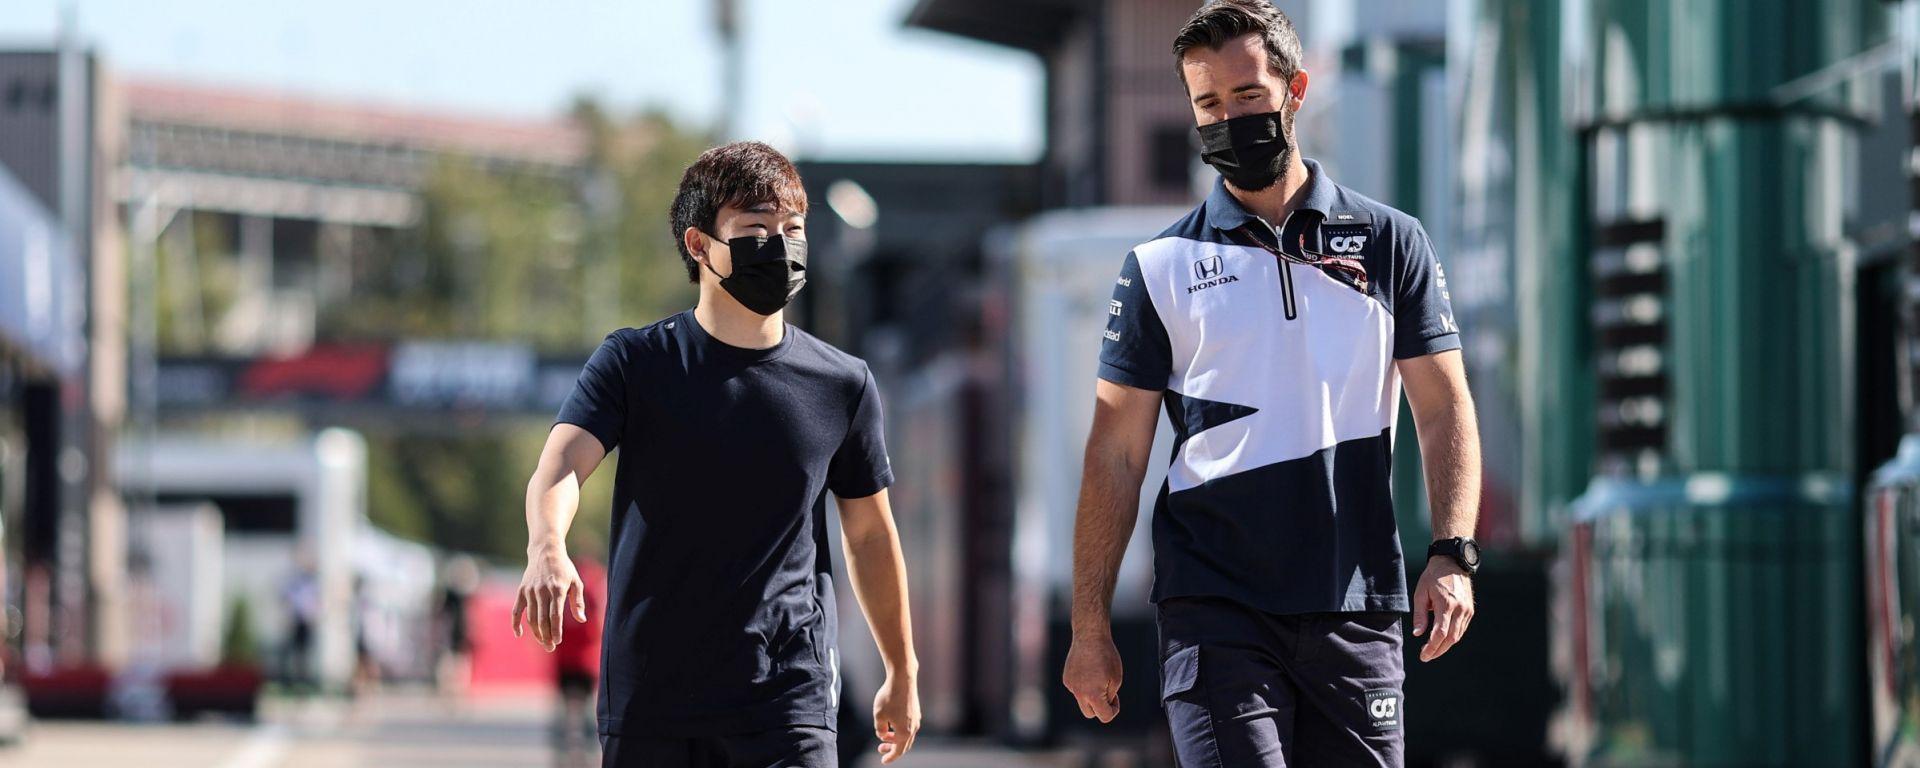 F1, GP Spagna 2021: Yuki Tsunoda (AlphaTauri)